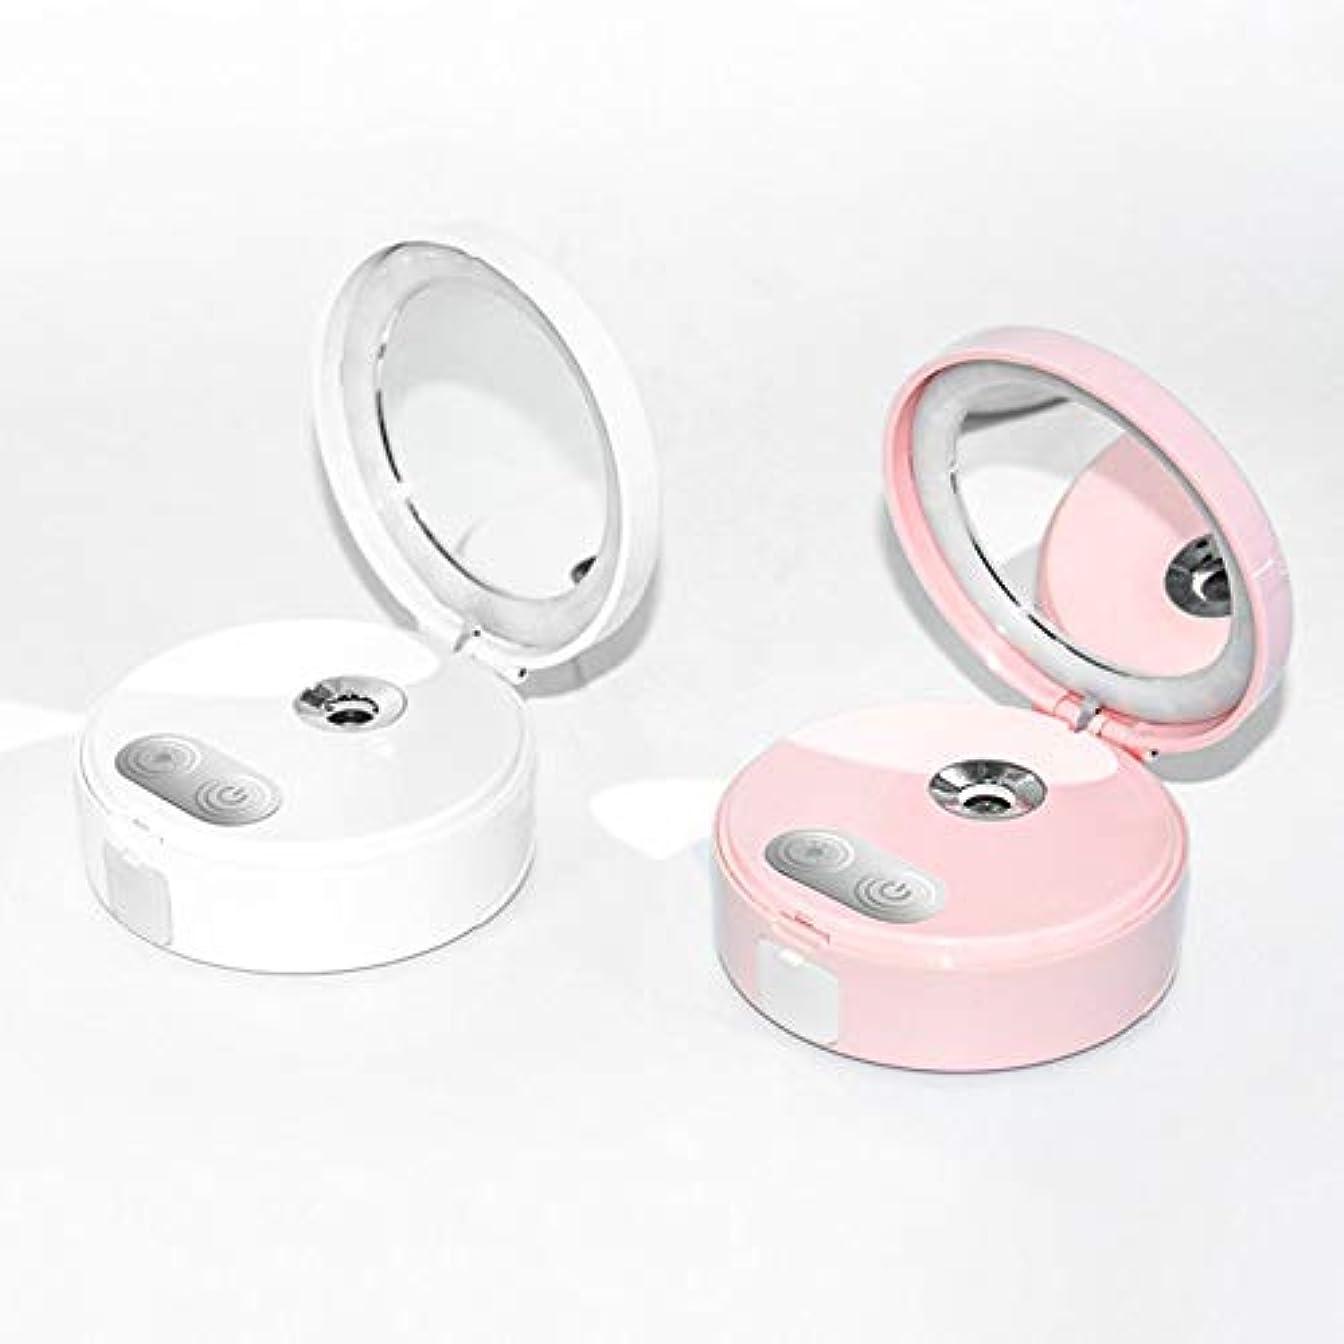 浴室遊び場プラットフォーム流行の ポータブル化粧鏡ナノスプレー水道メーターで充電宝物フィルライト機能三色調光マッサージマッサージミラー美容ミラーホワイトピンク